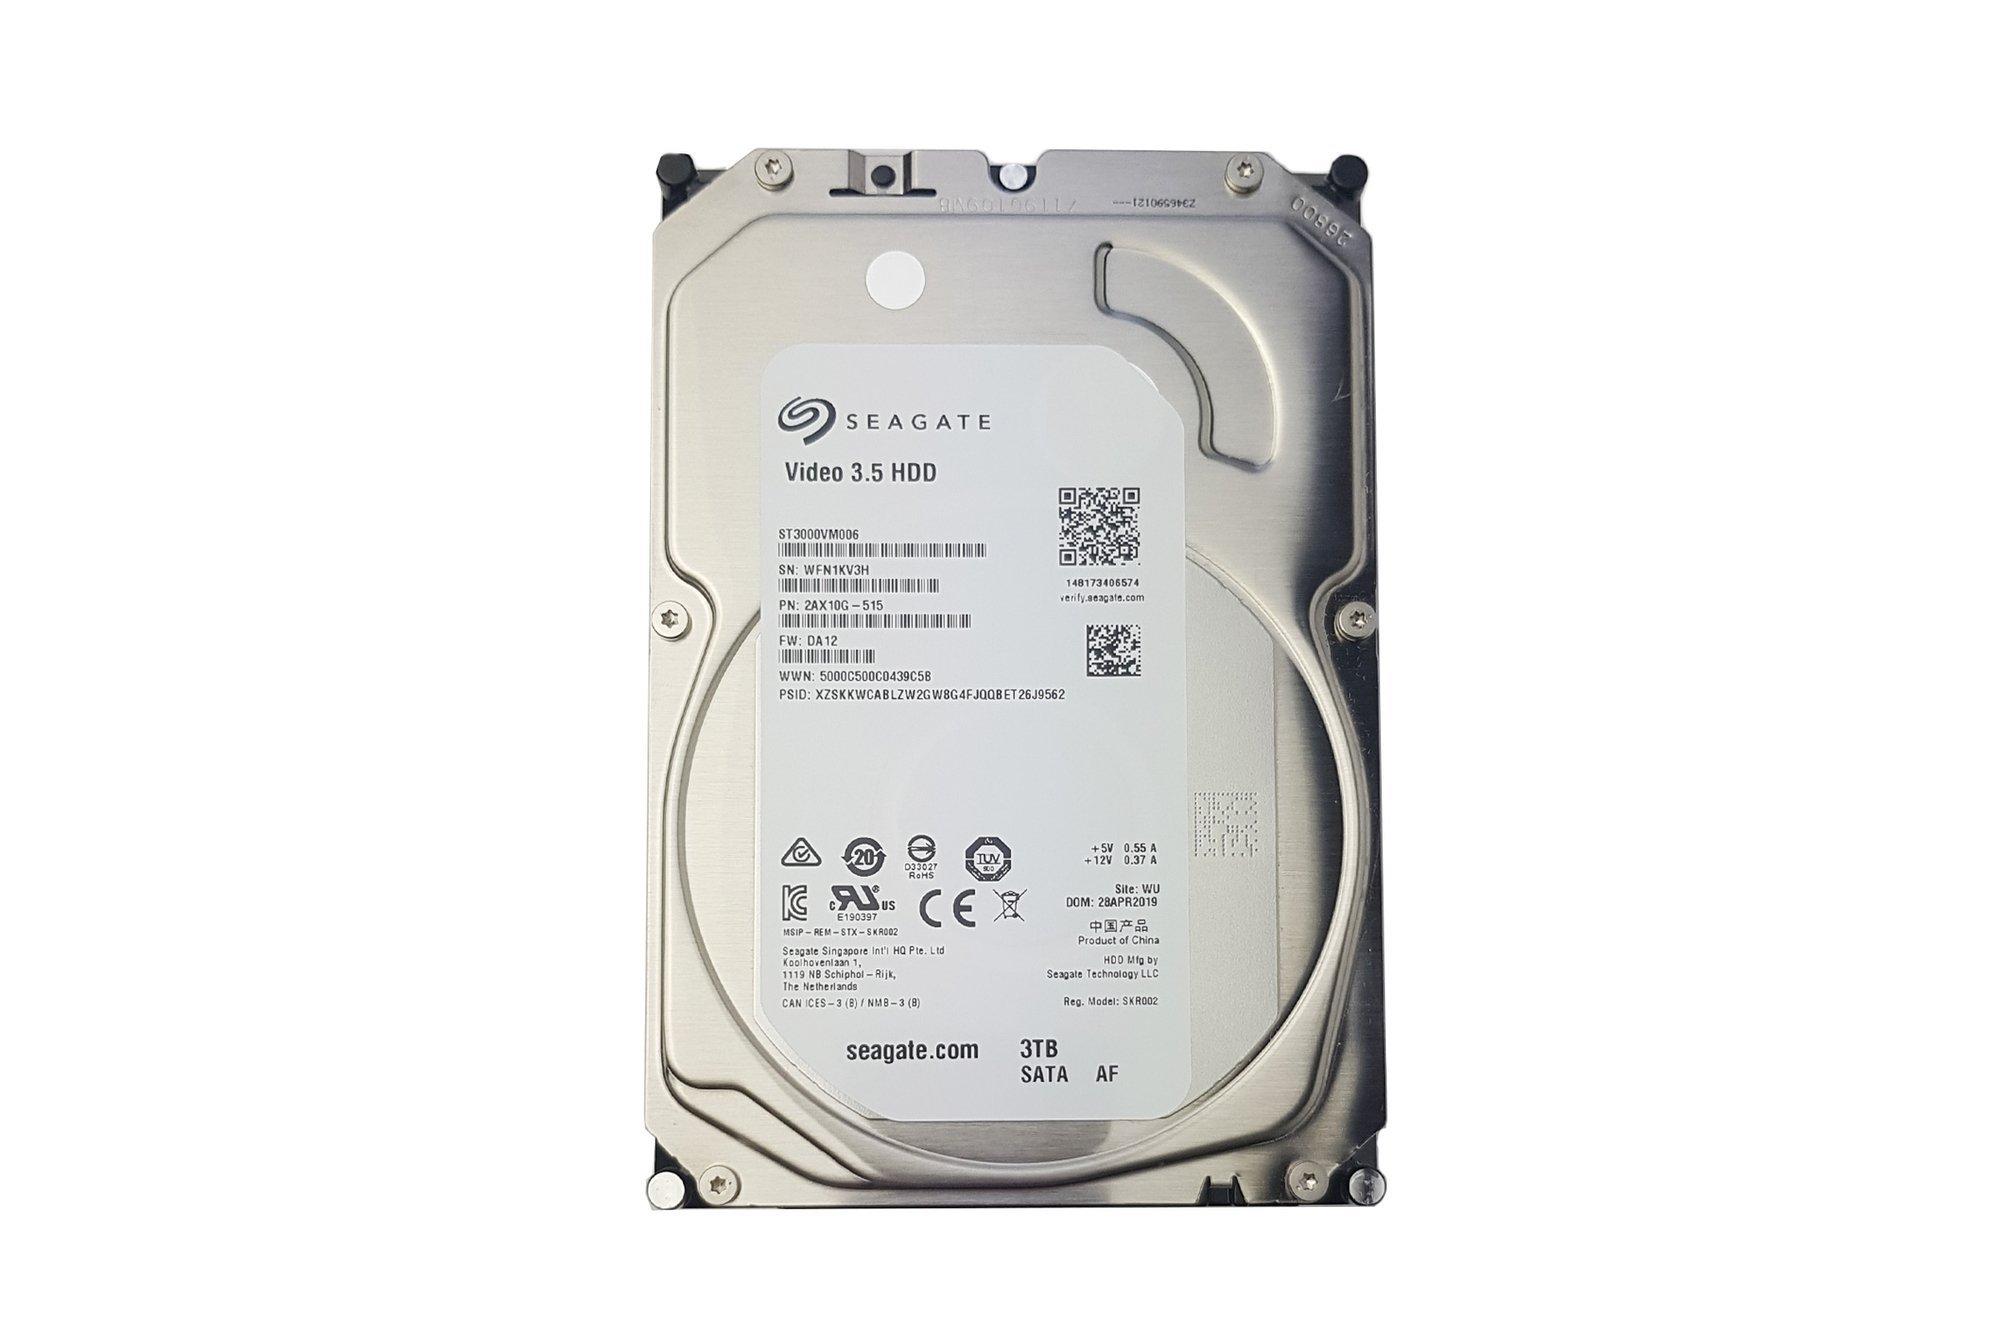 """Seagate Video 3.5 3TB ST3000VM006 Sata3 5.4K 64MB 3.5"""" HDD DVR"""